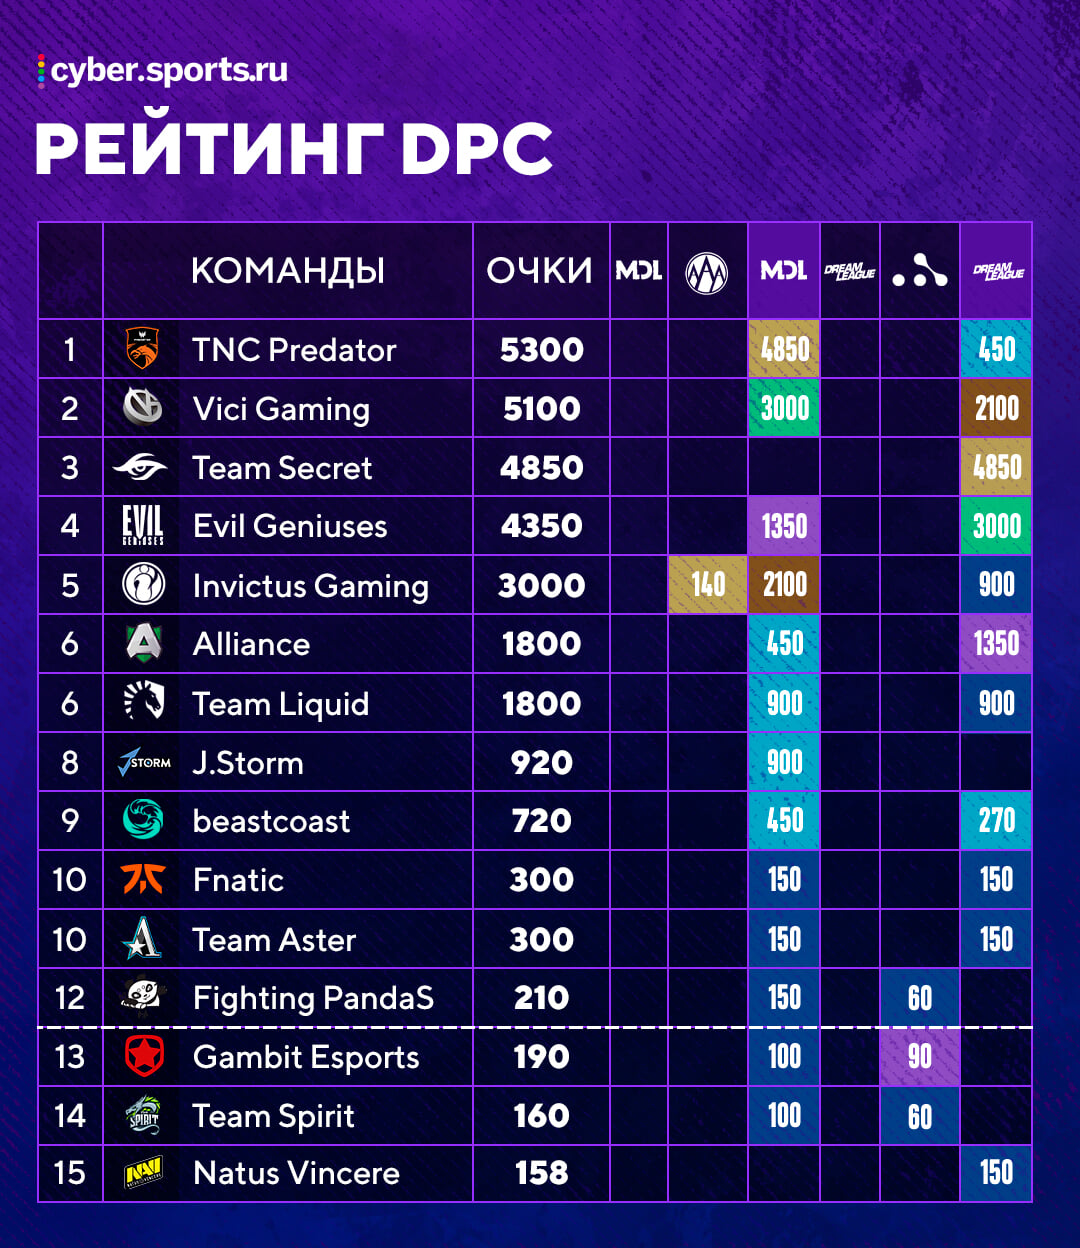 Рейтинг DPC сезона-2019/20